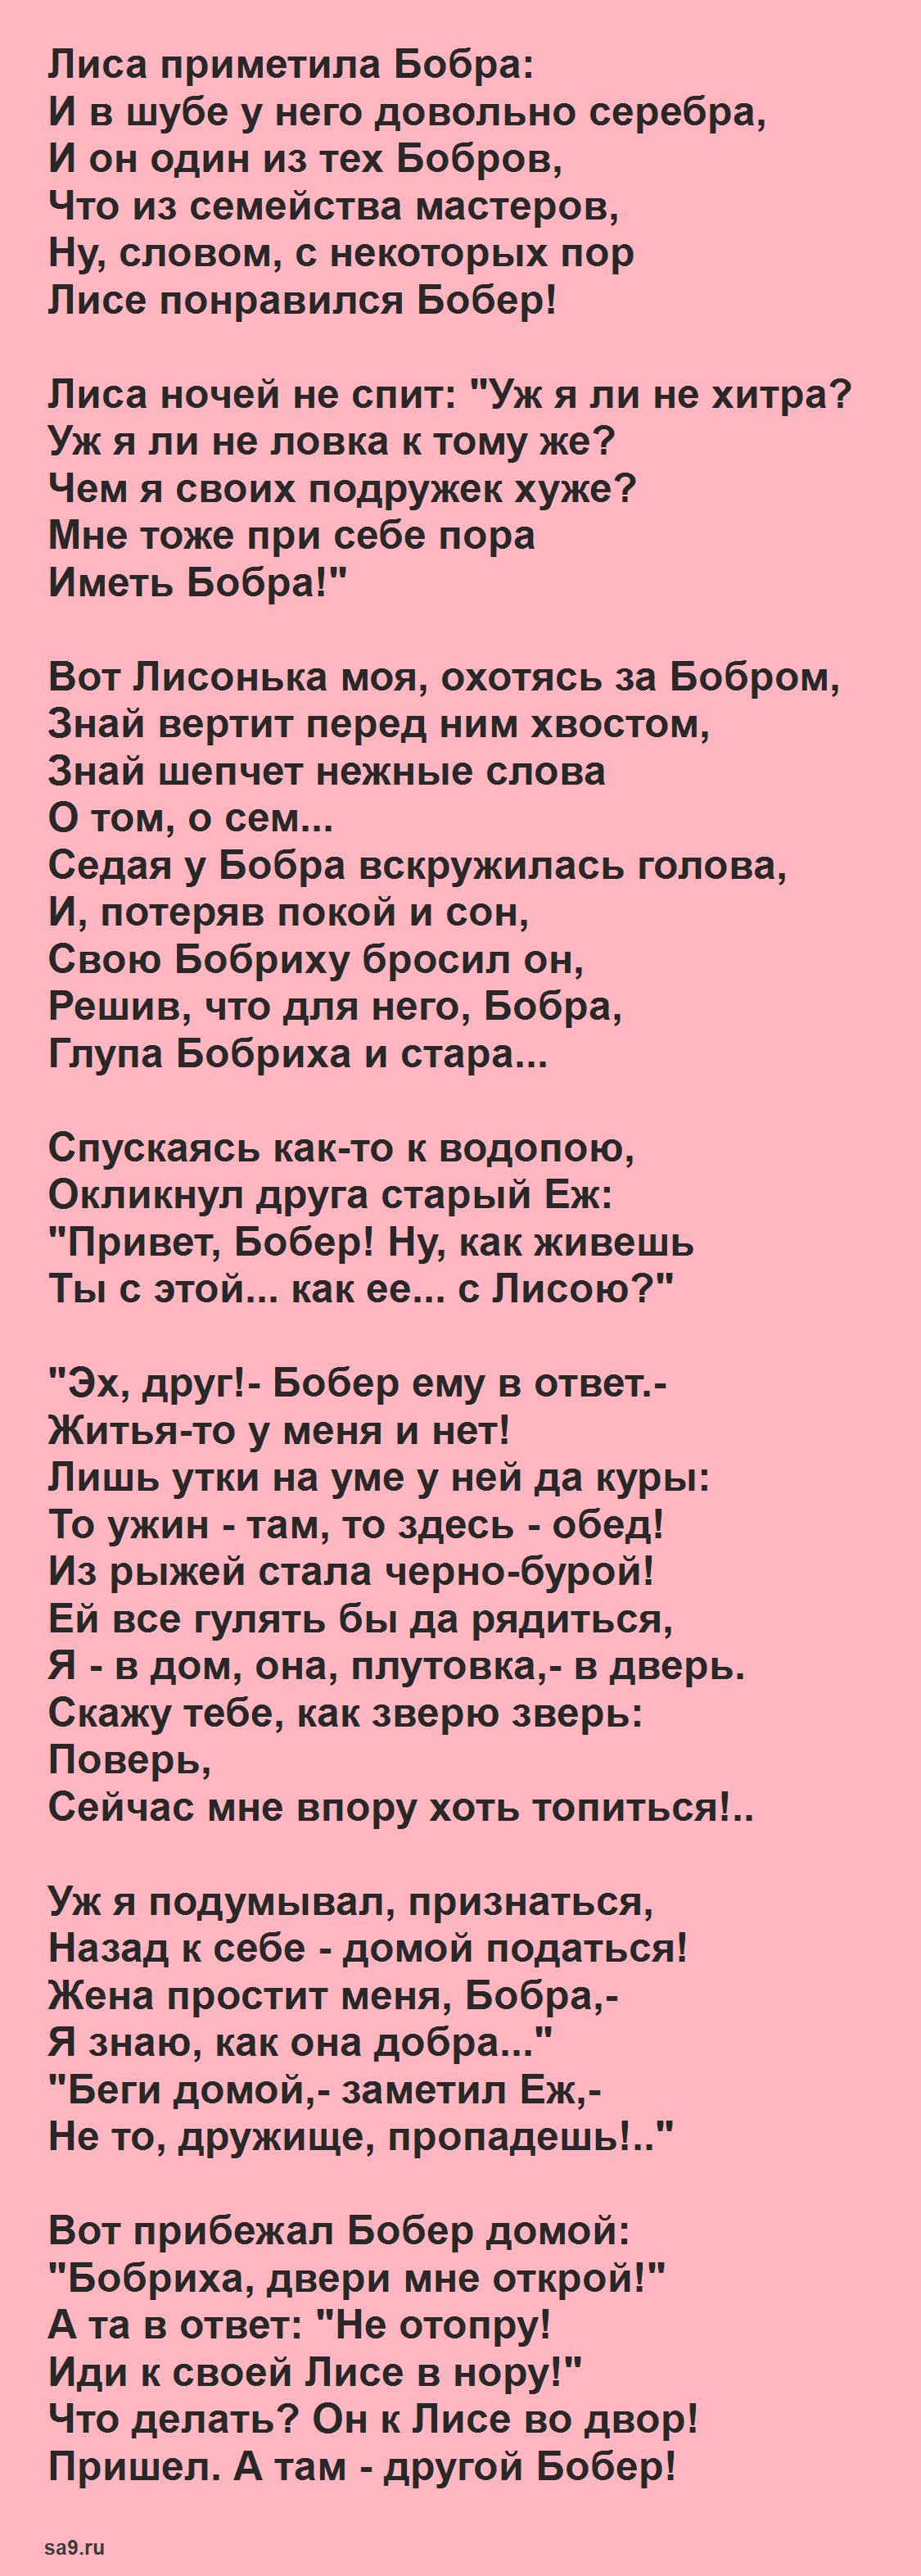 Басня Михалкова 'Лиса и Бобер', читать текст басни полностью